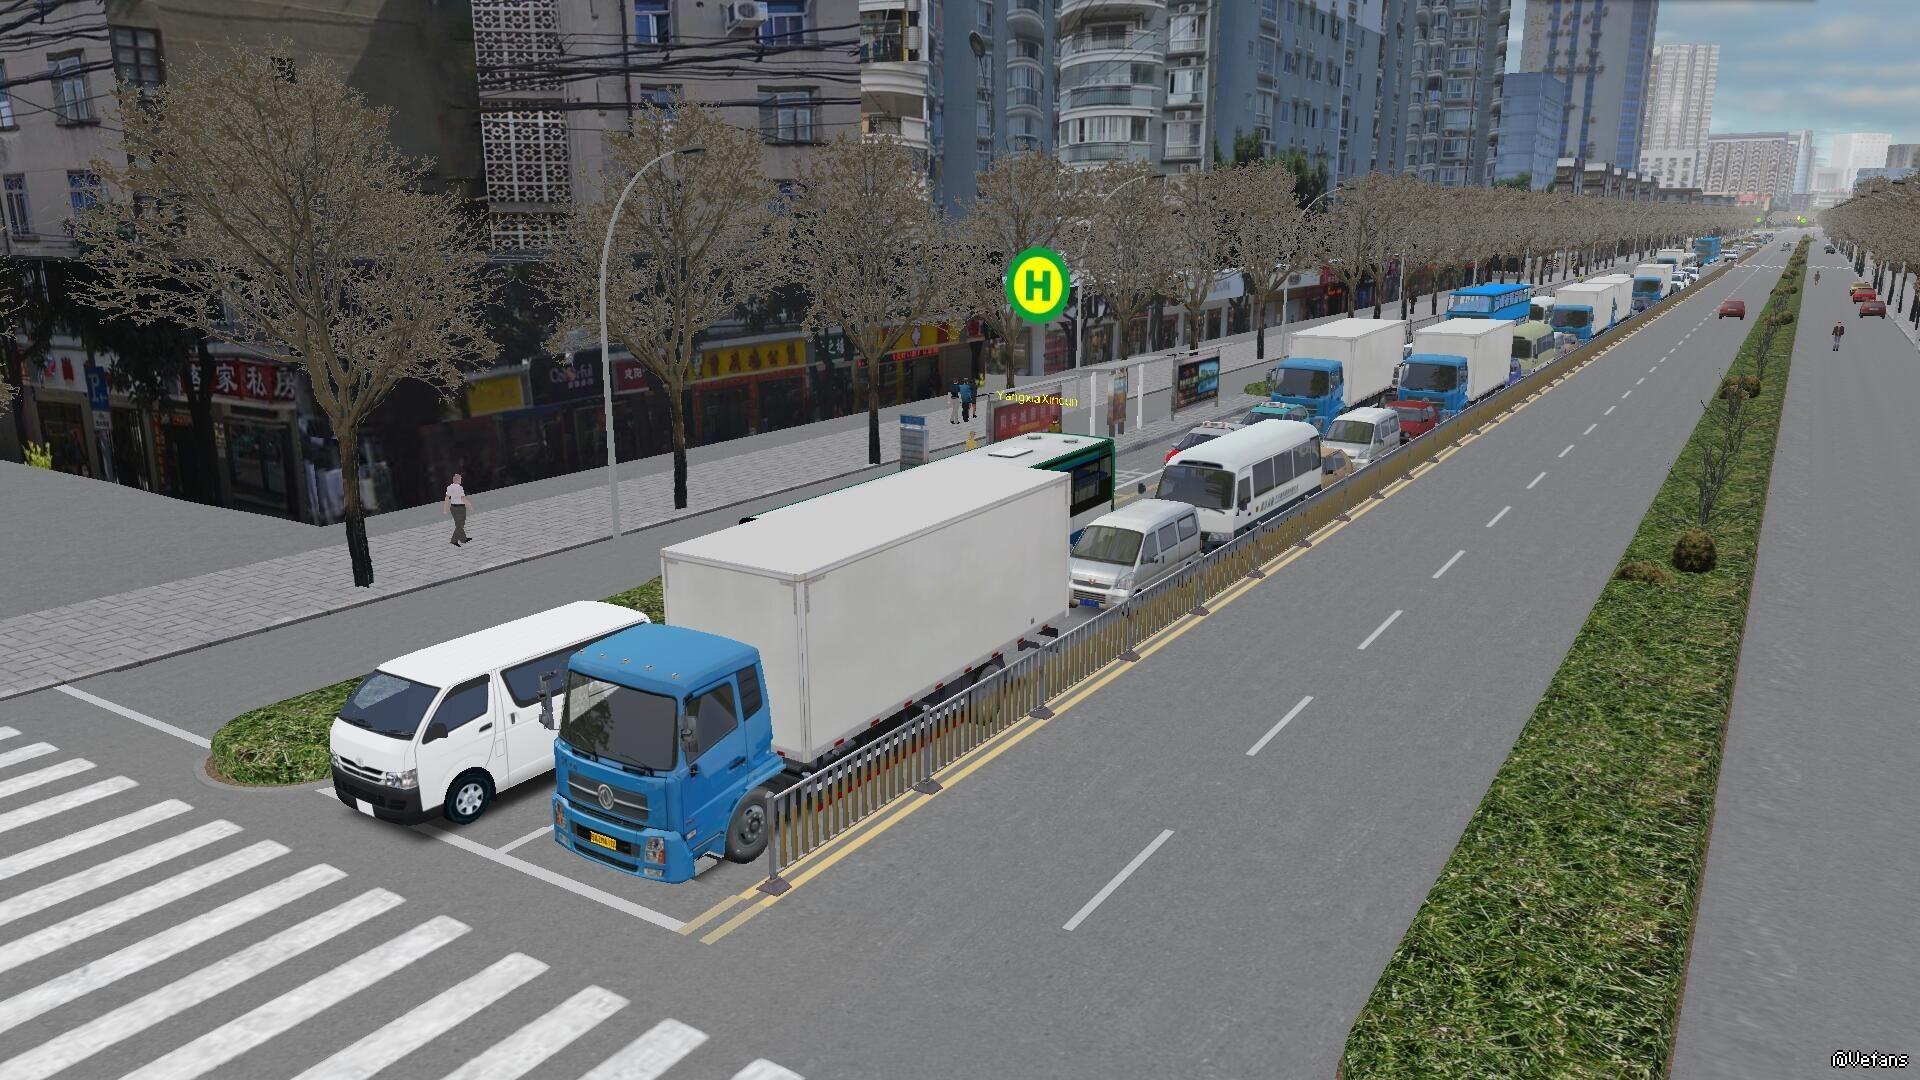 Payware] Fuzhou Map + Demo Version | OMSI 2 mods & LOTUS mods